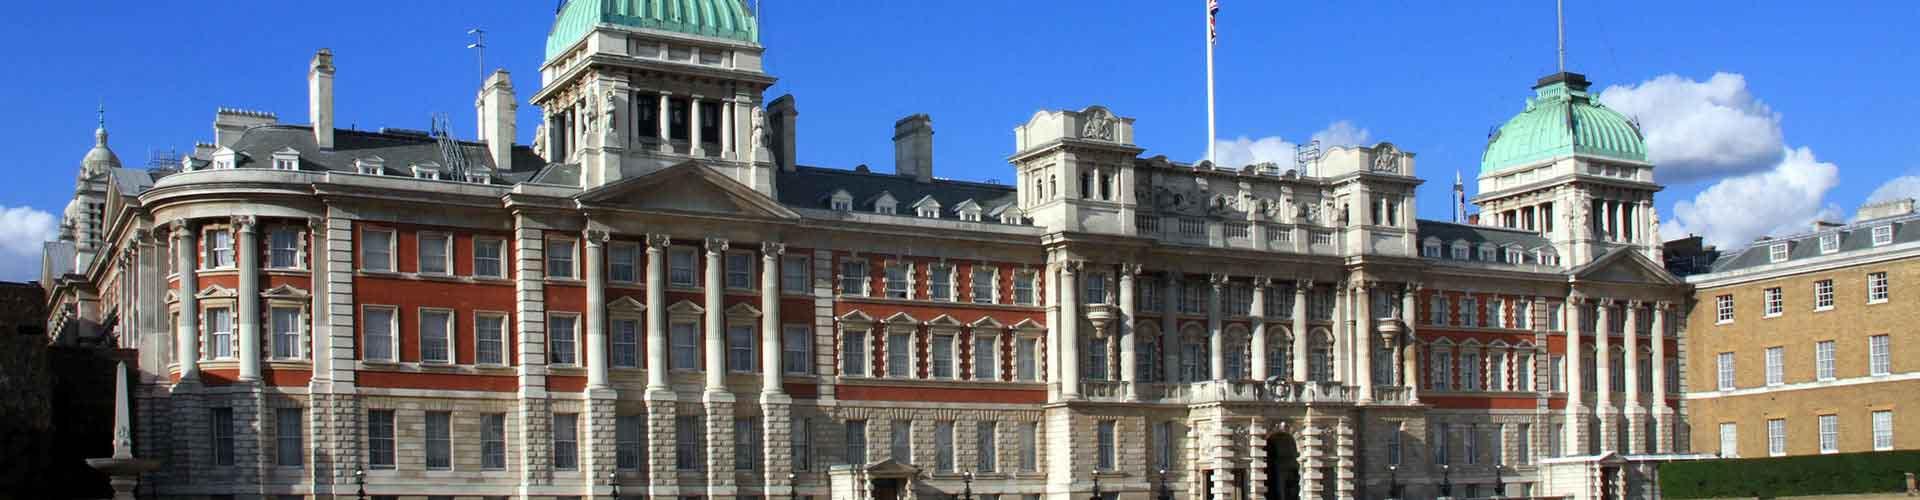 런던 - Regent's Park와 가까운 호스텔. 런던의 지도, 런던에 위치한 호스텔 사진 및 후기 정보.